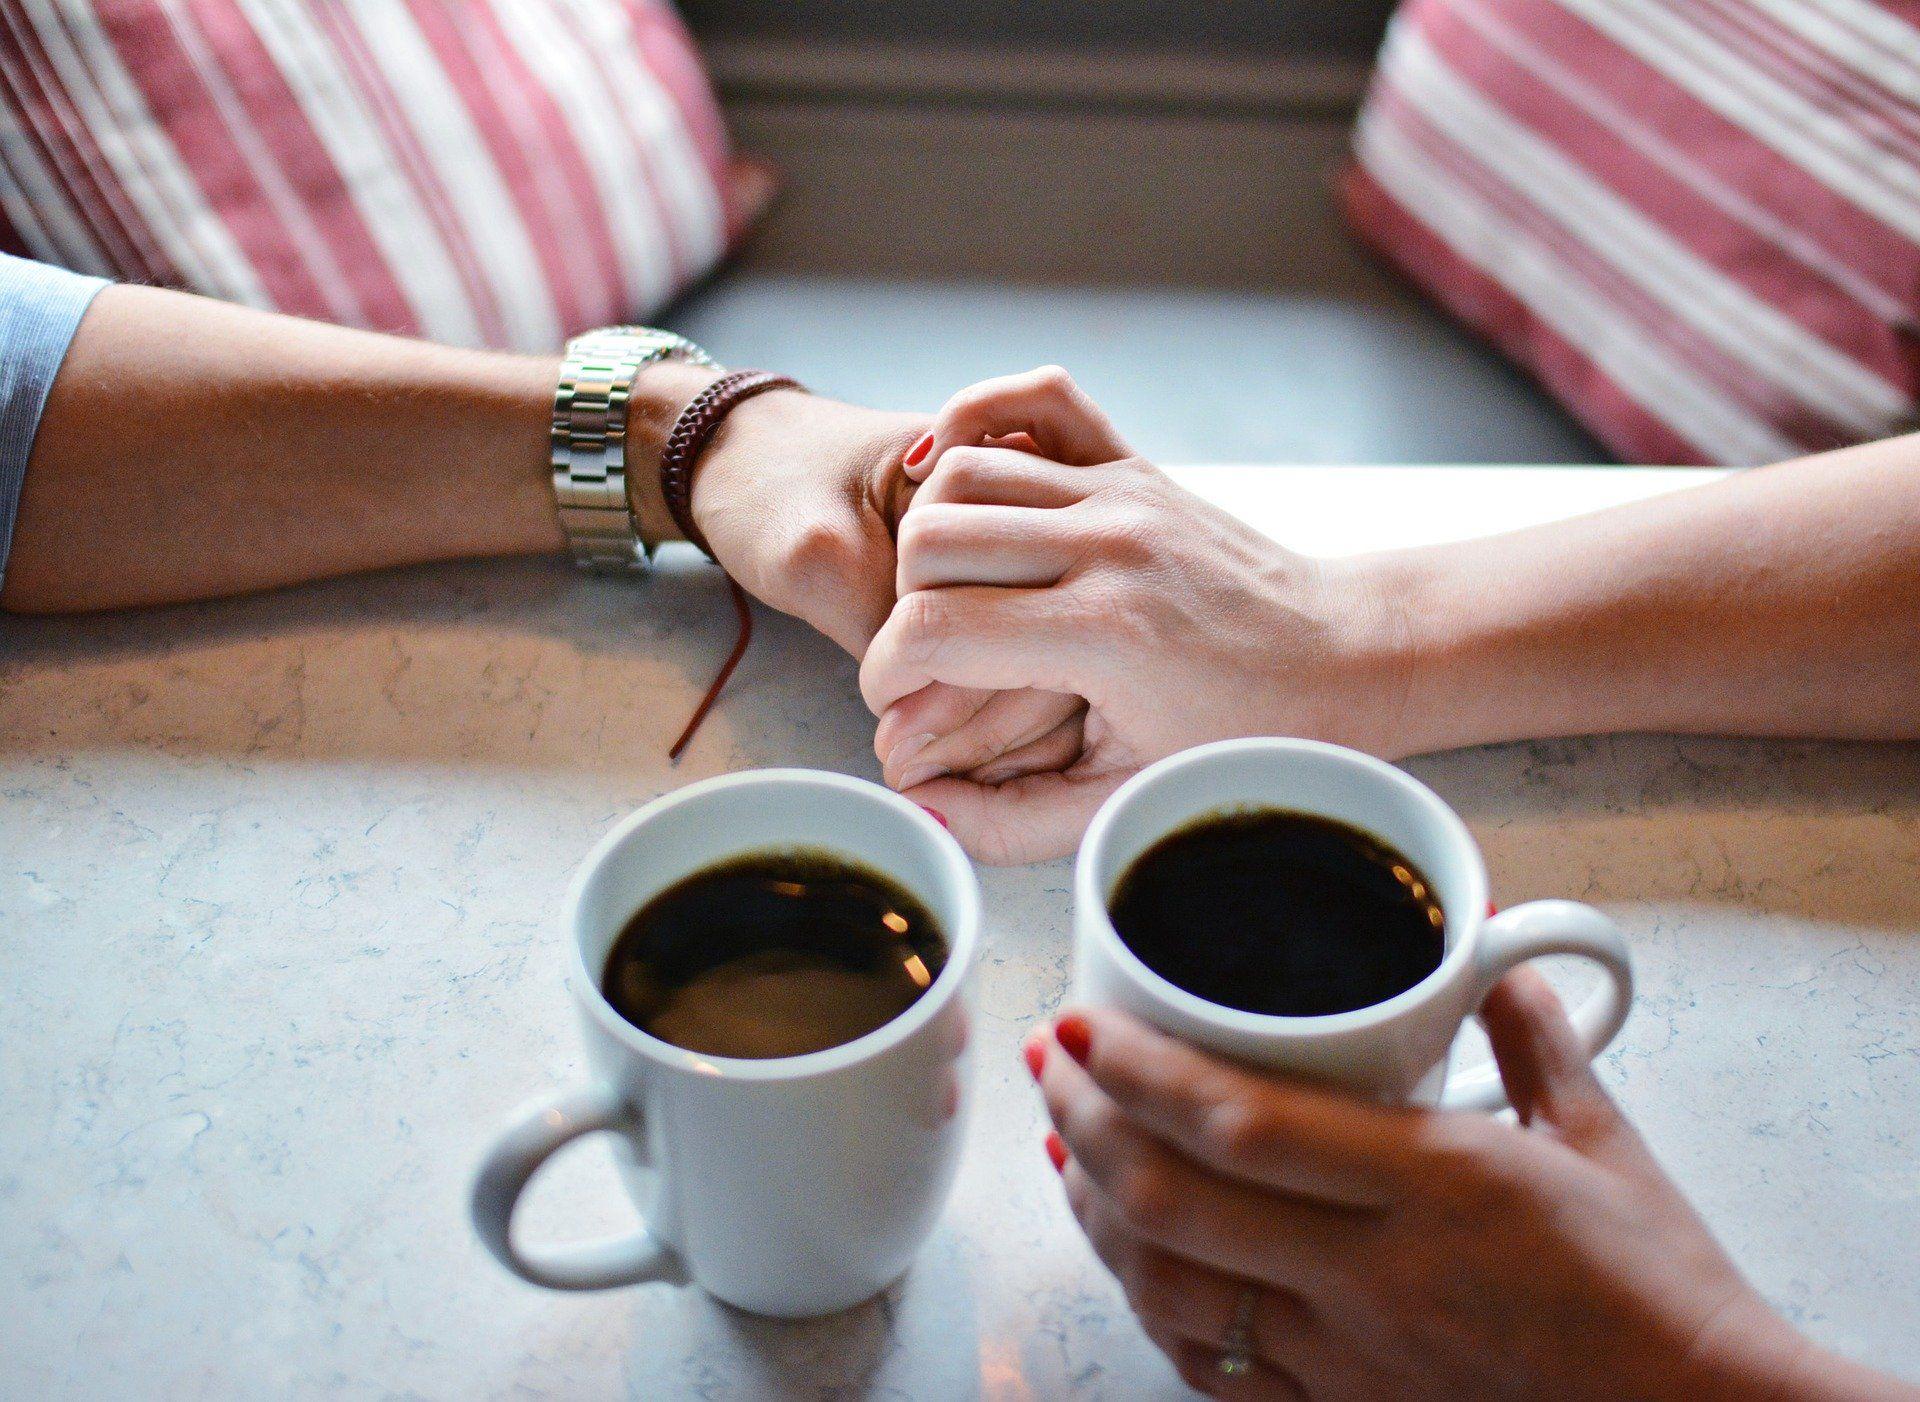 Zwei Tassen Kaffe stehen neben zwei sich haltenden Händen.